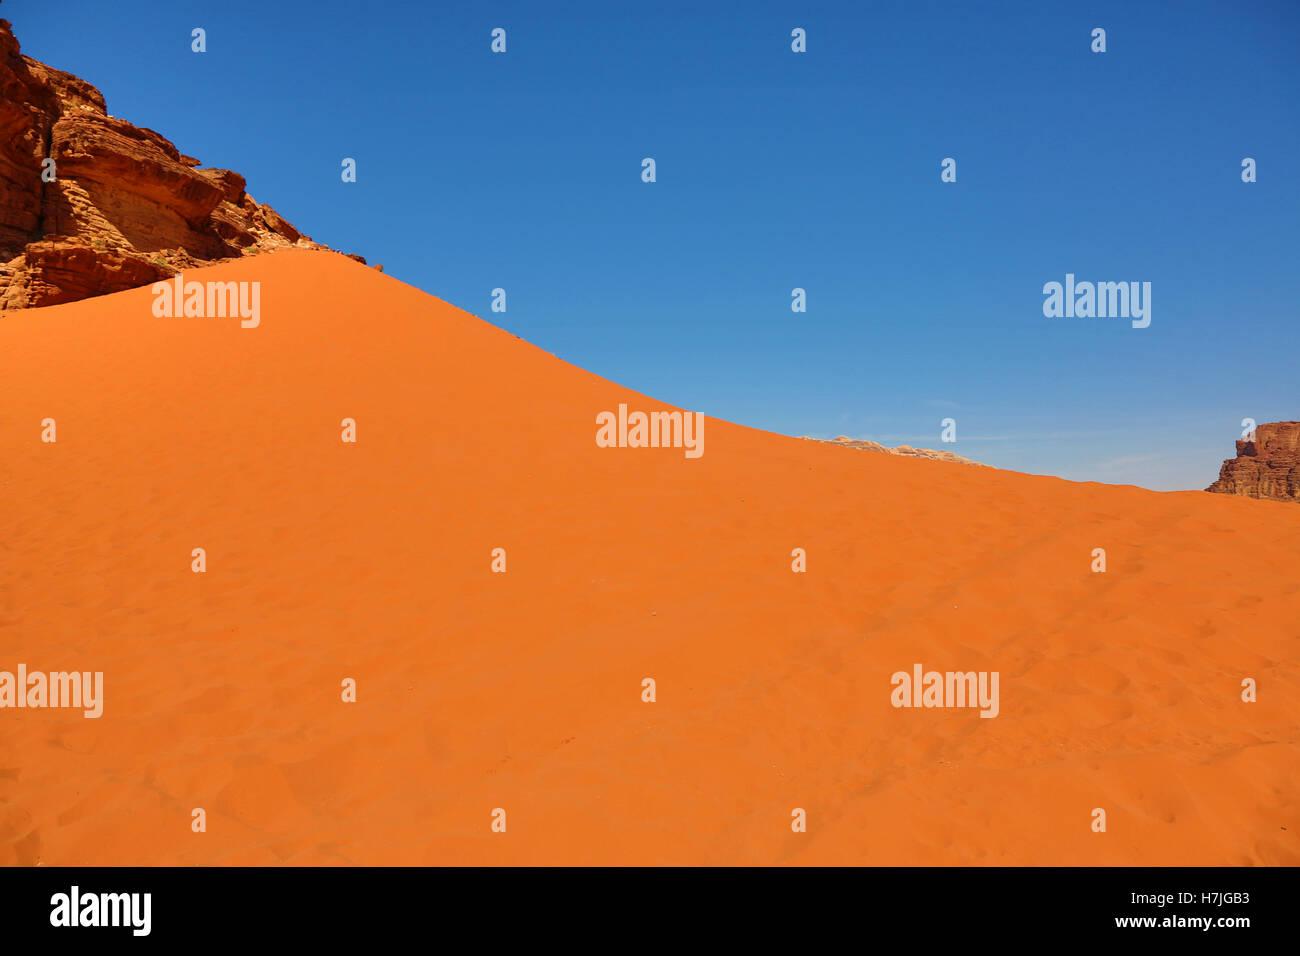 Dune de sable rouge dans le désert de Wadi Rum, Jordanie Photo Stock